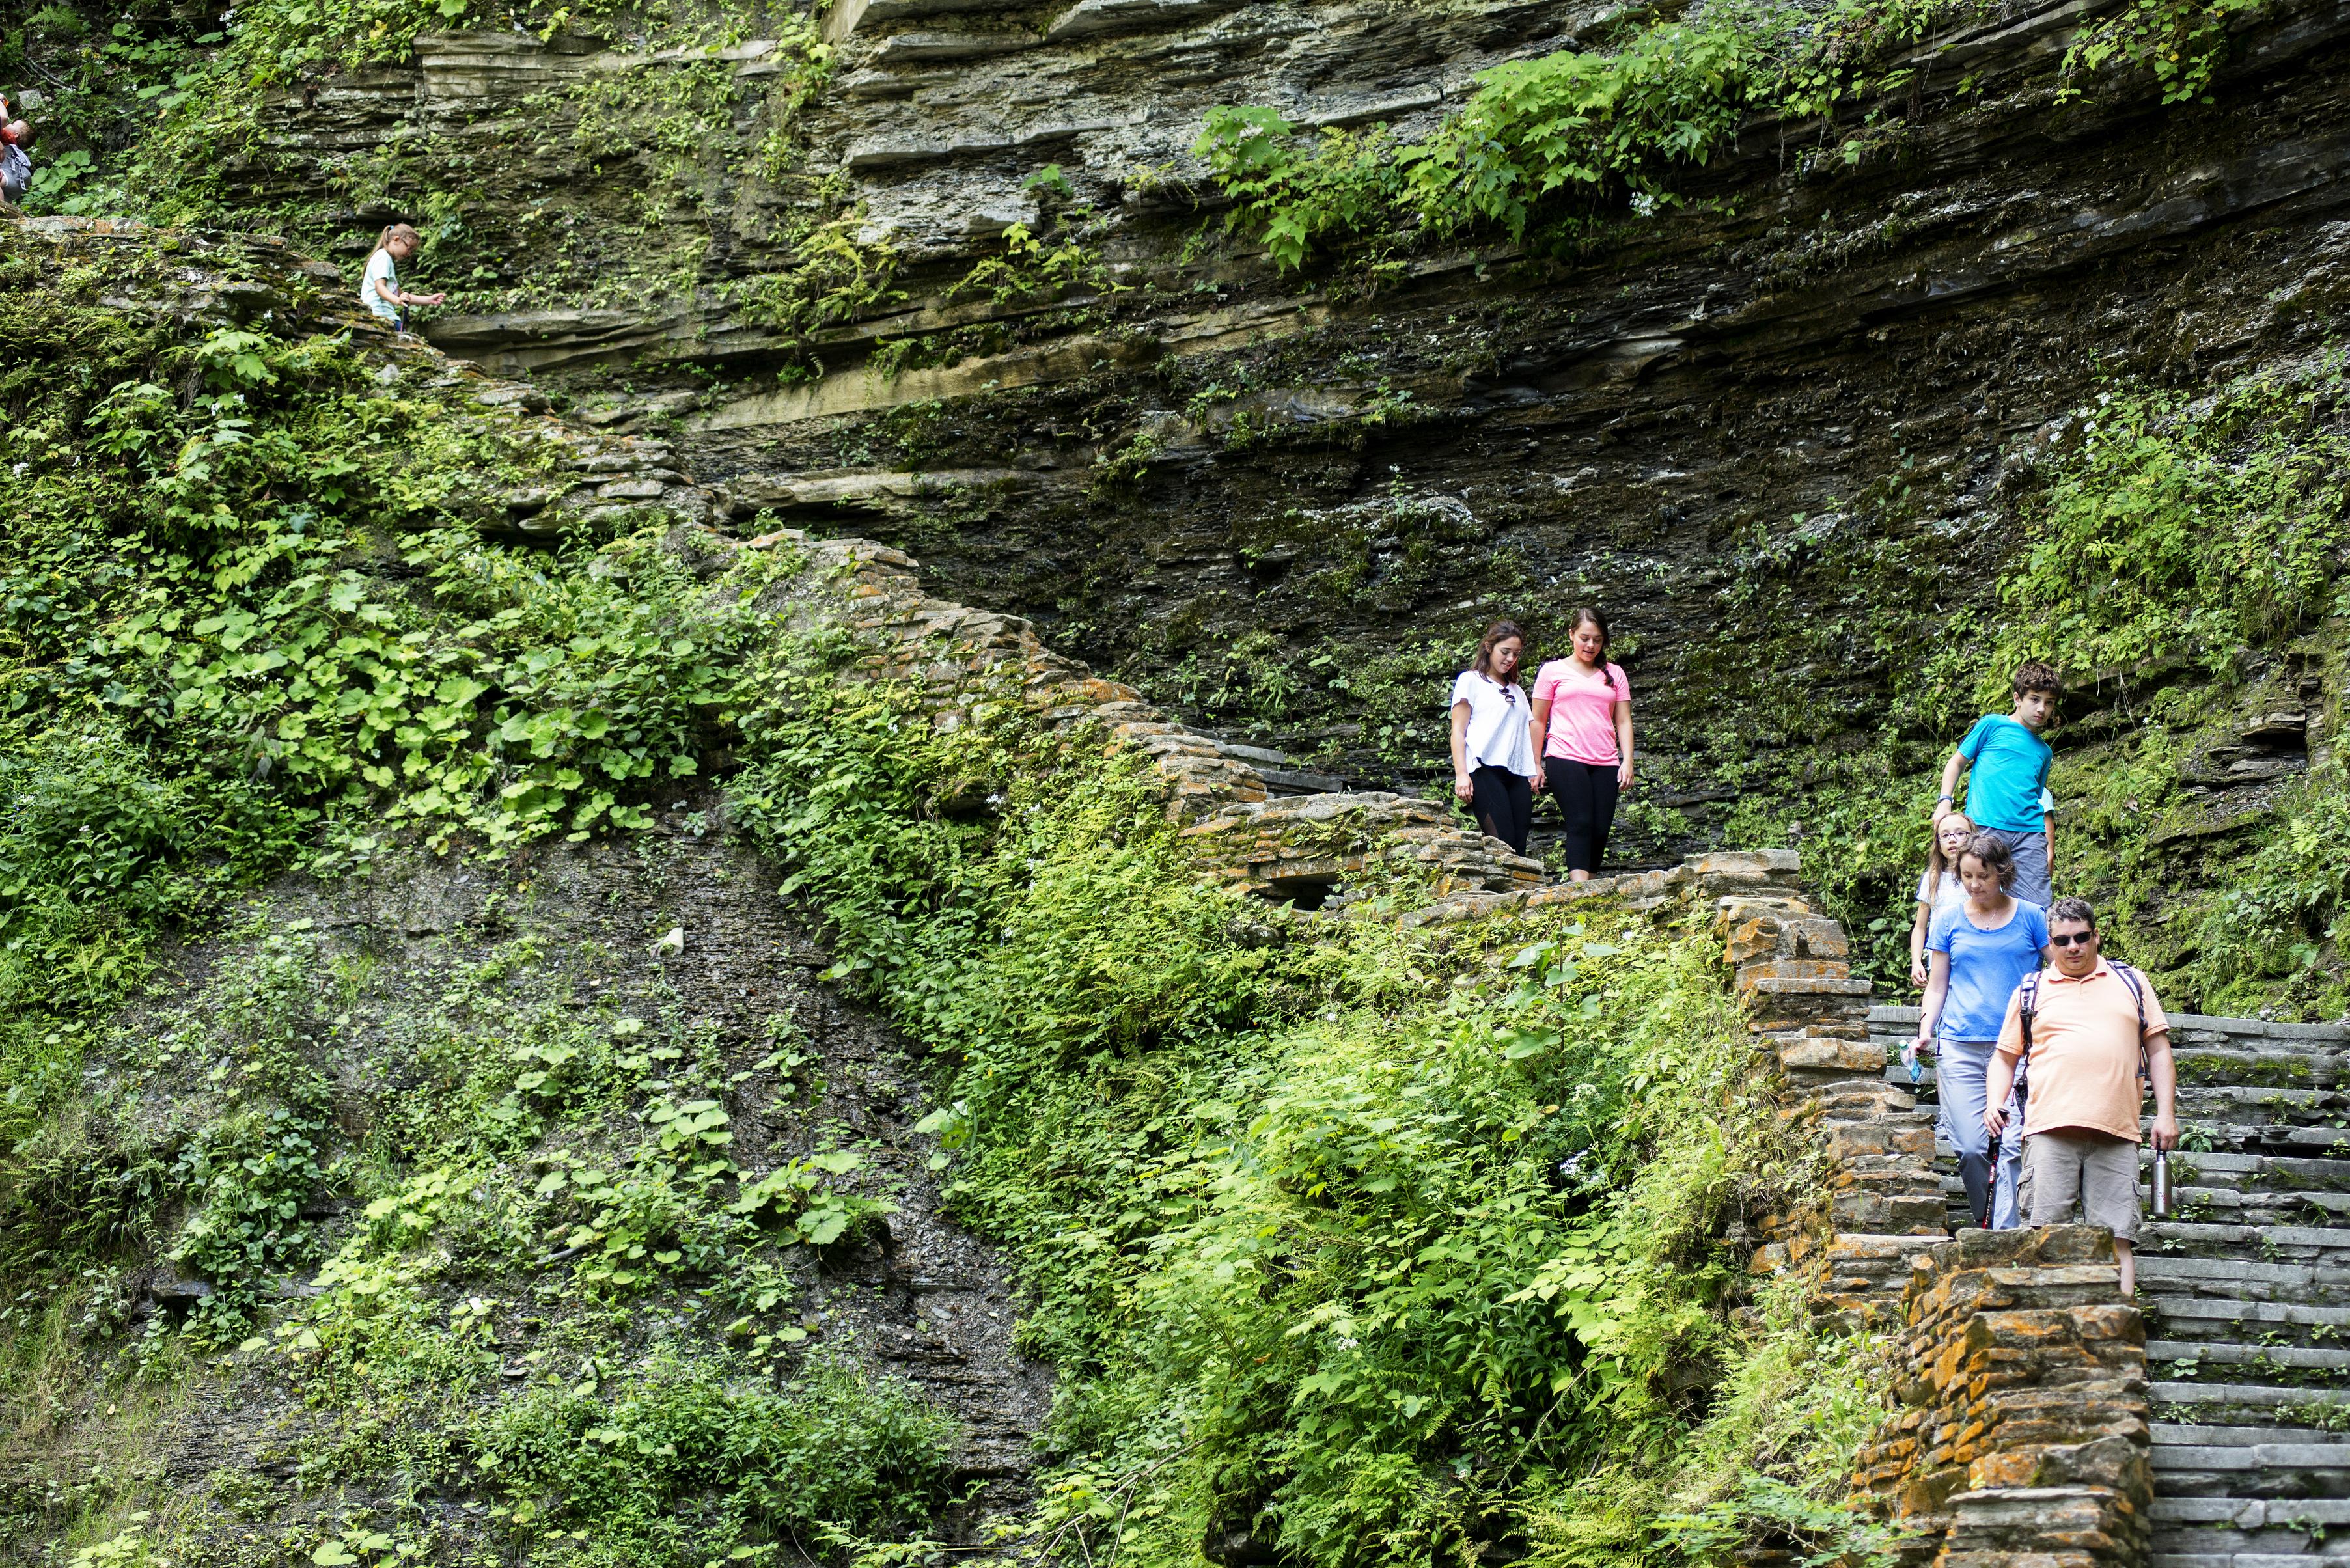 Kanakadea park trail